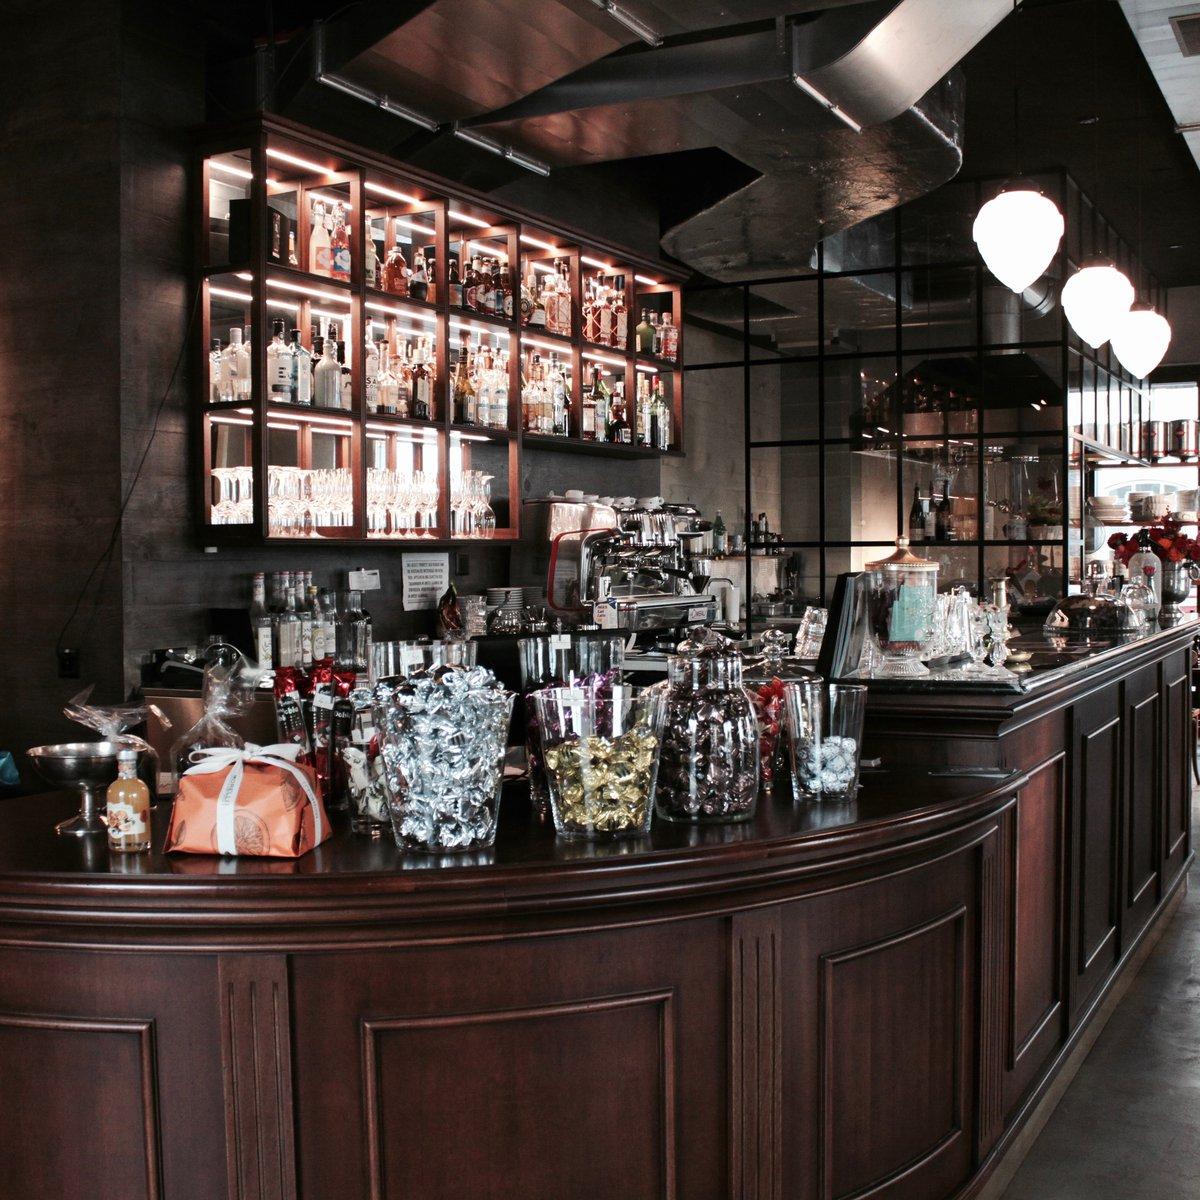 Bar und offene Küche im Hintergrund